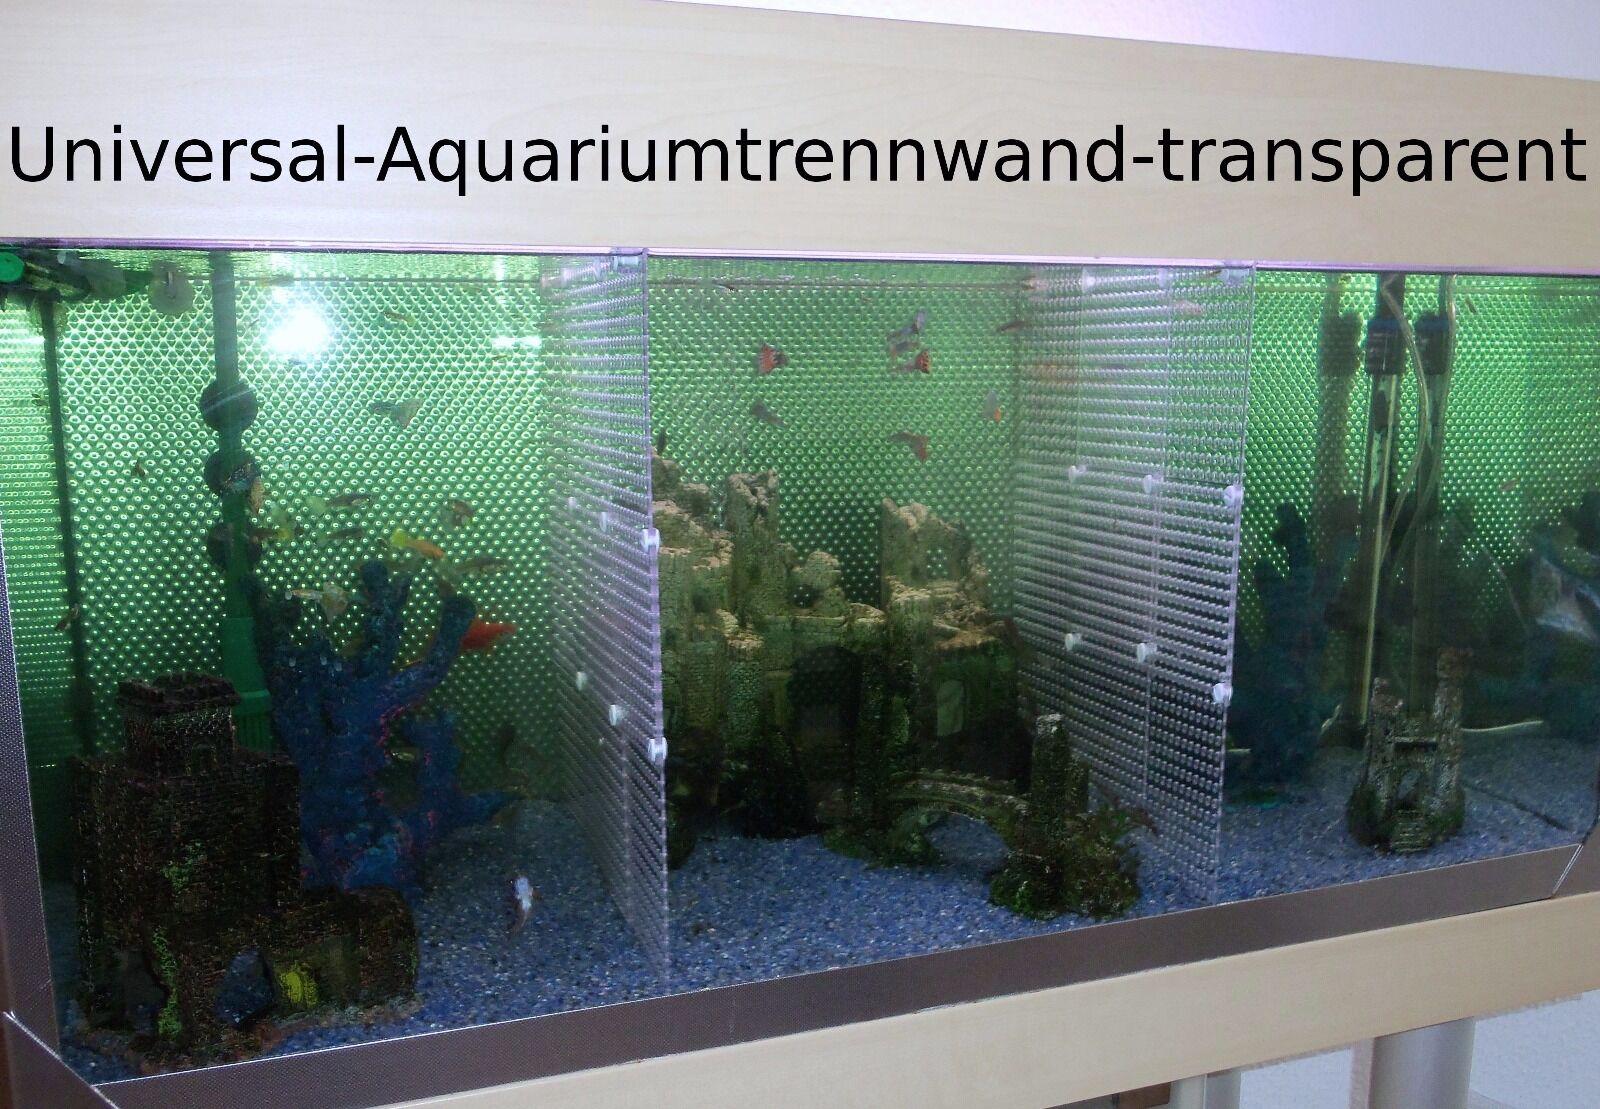 Aquarium-Universal-Trennwand -für- Aquarien Fische-Kampffische-Diskusfische u.a